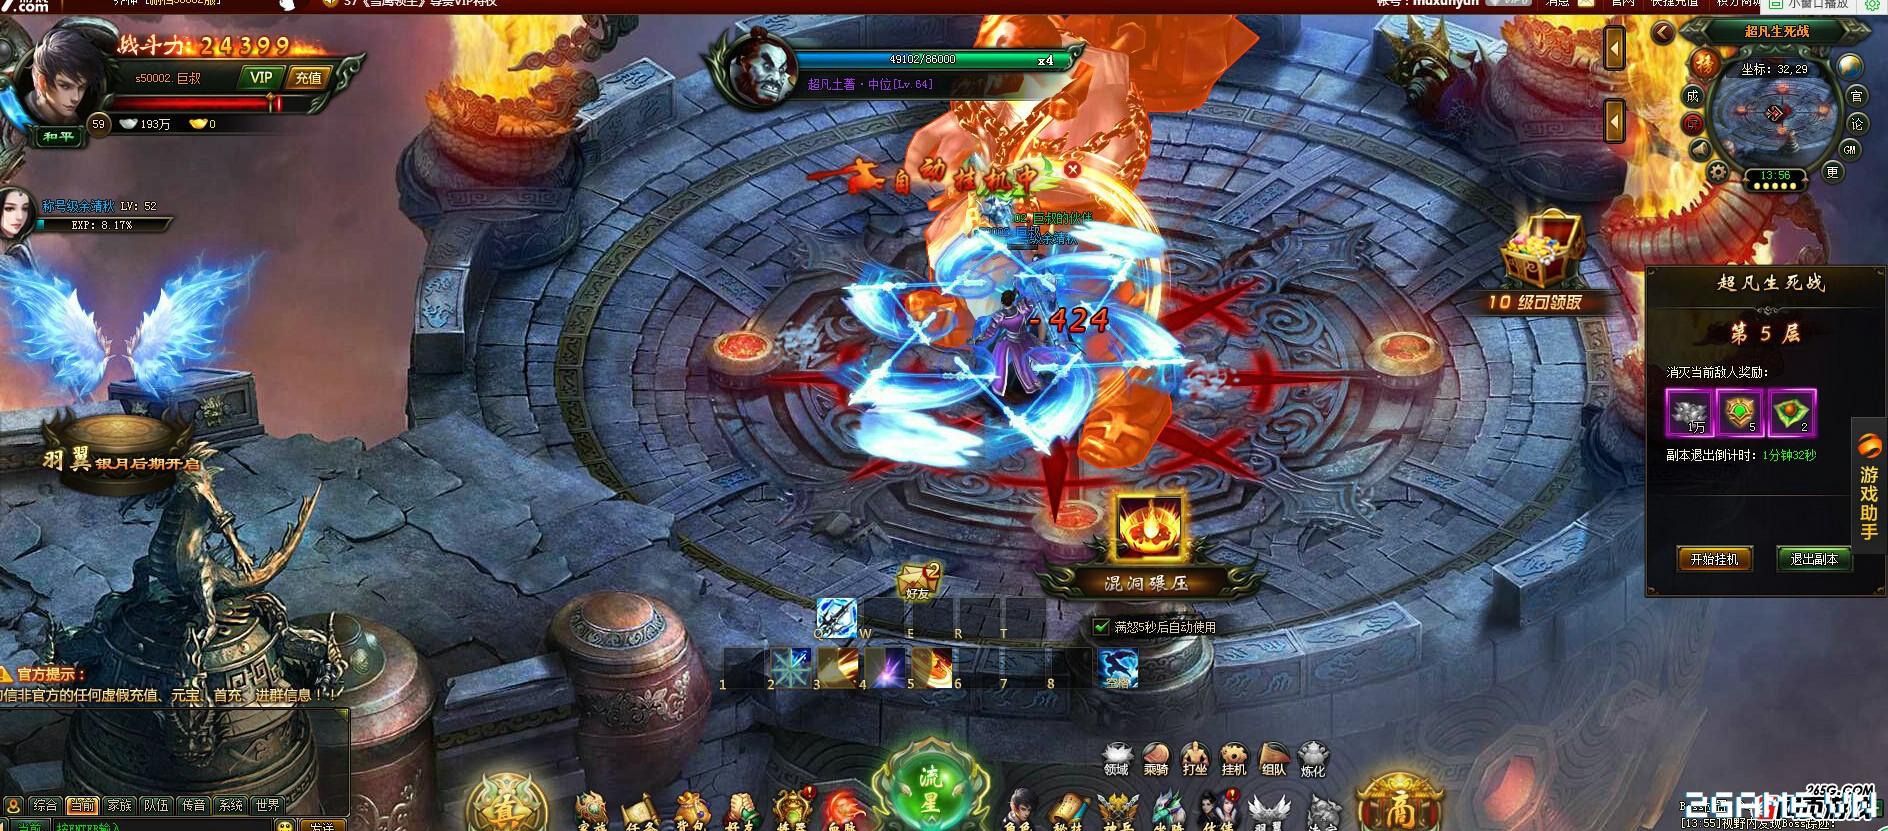 Tuyết Ưng Lĩnh Chủ sắp được VTC Game phát hành tại Việt Nam 5